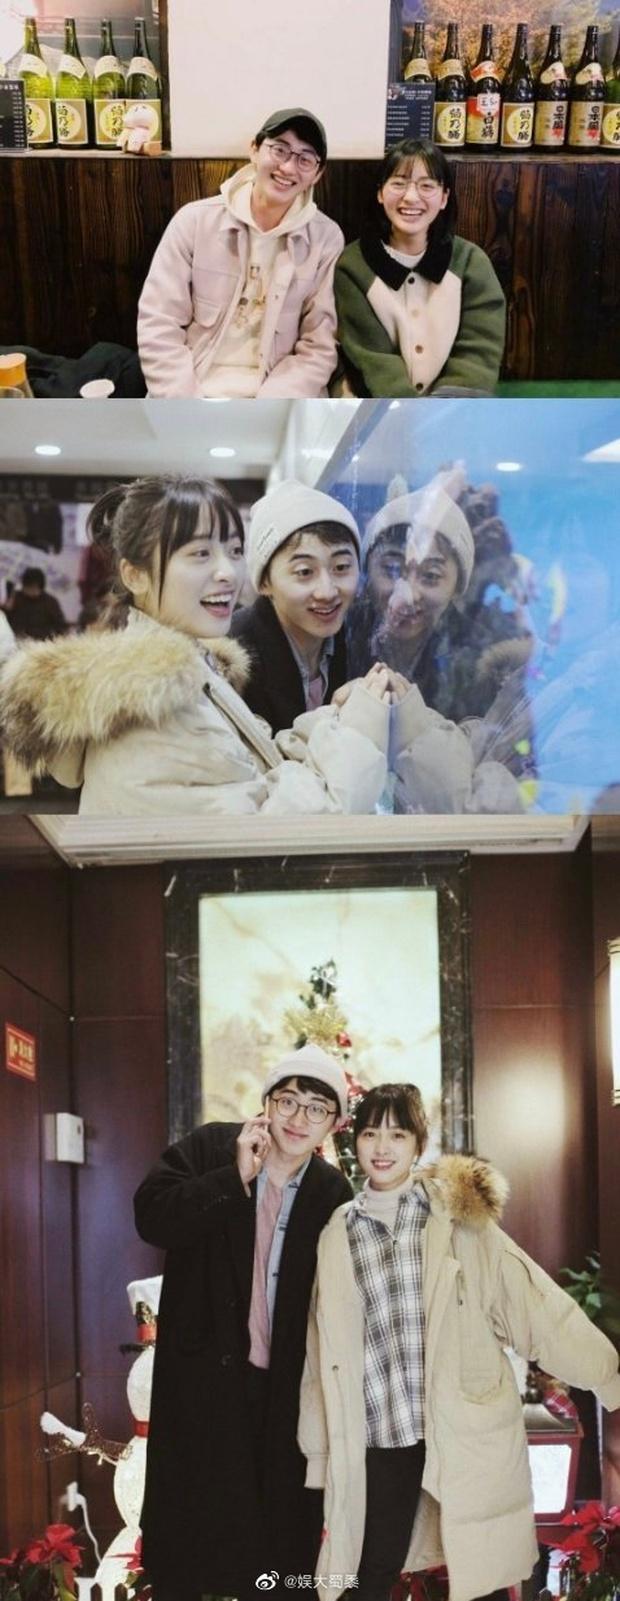 HOT: Thẩm Nguyệt (Vườn Sao Băng) lộ ảnh hẹn hò siêu cute tựa ngôn tình, thuyền Thiên - Nguyệt chính thức chìm vì nam phụ - Ảnh 9.